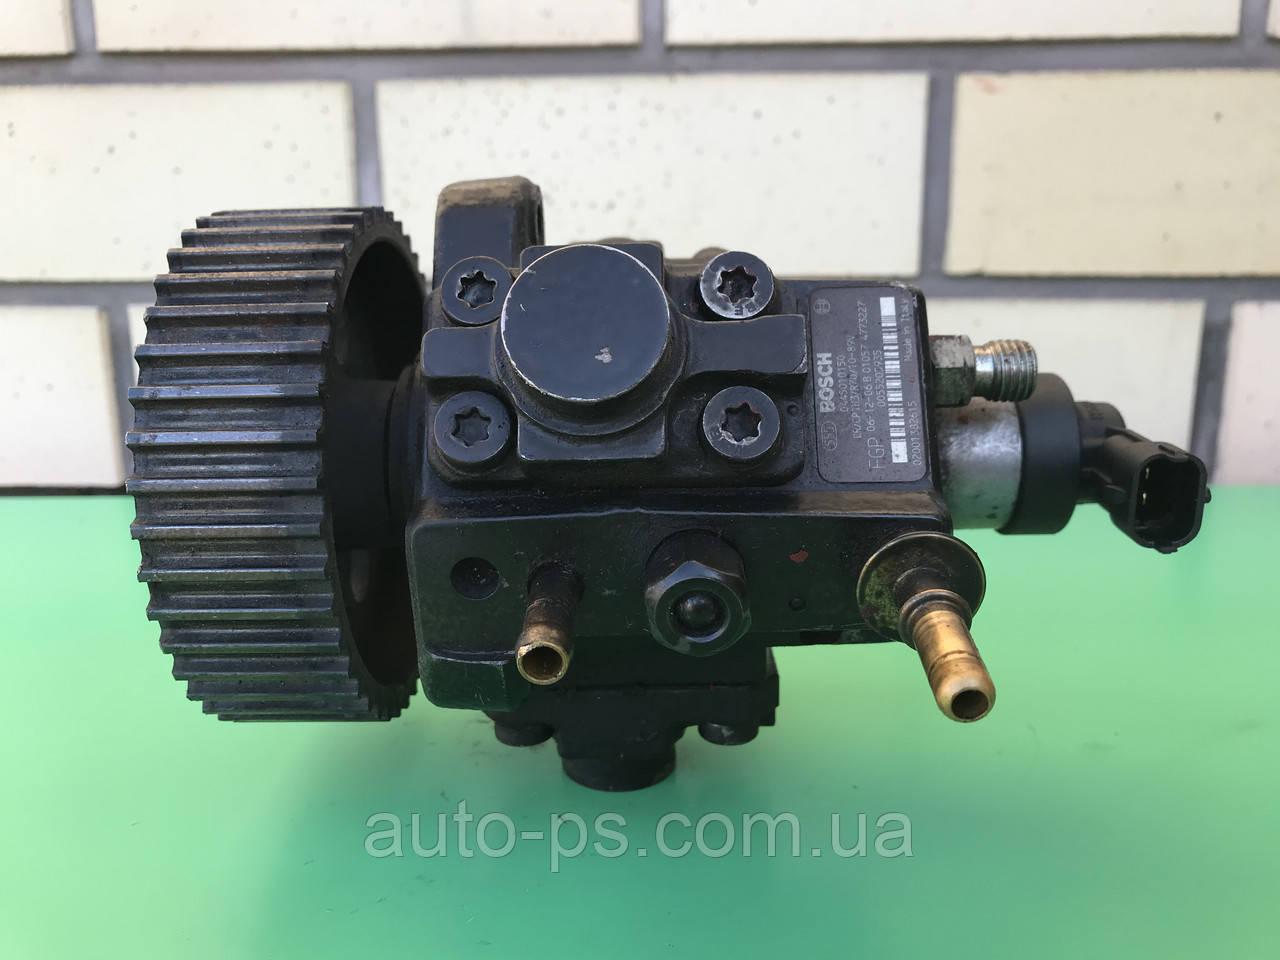 Топливный насос высокого давления (ТНВД) Fiat Strada 1.3D Multijet